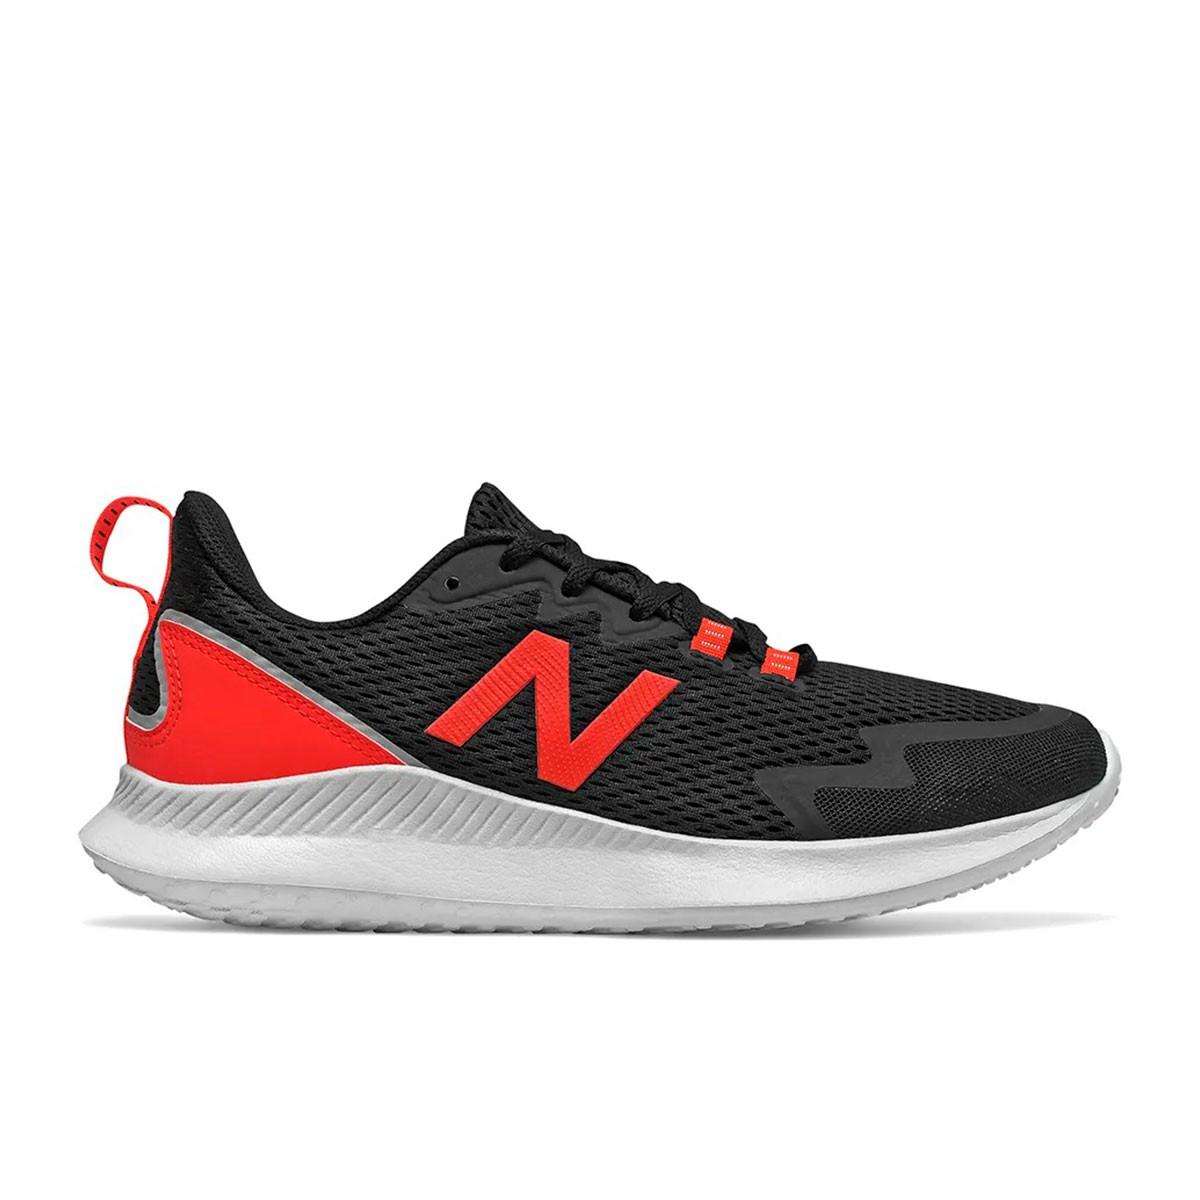 Tênis New Balance Ryval Masculino Preto Vermelho